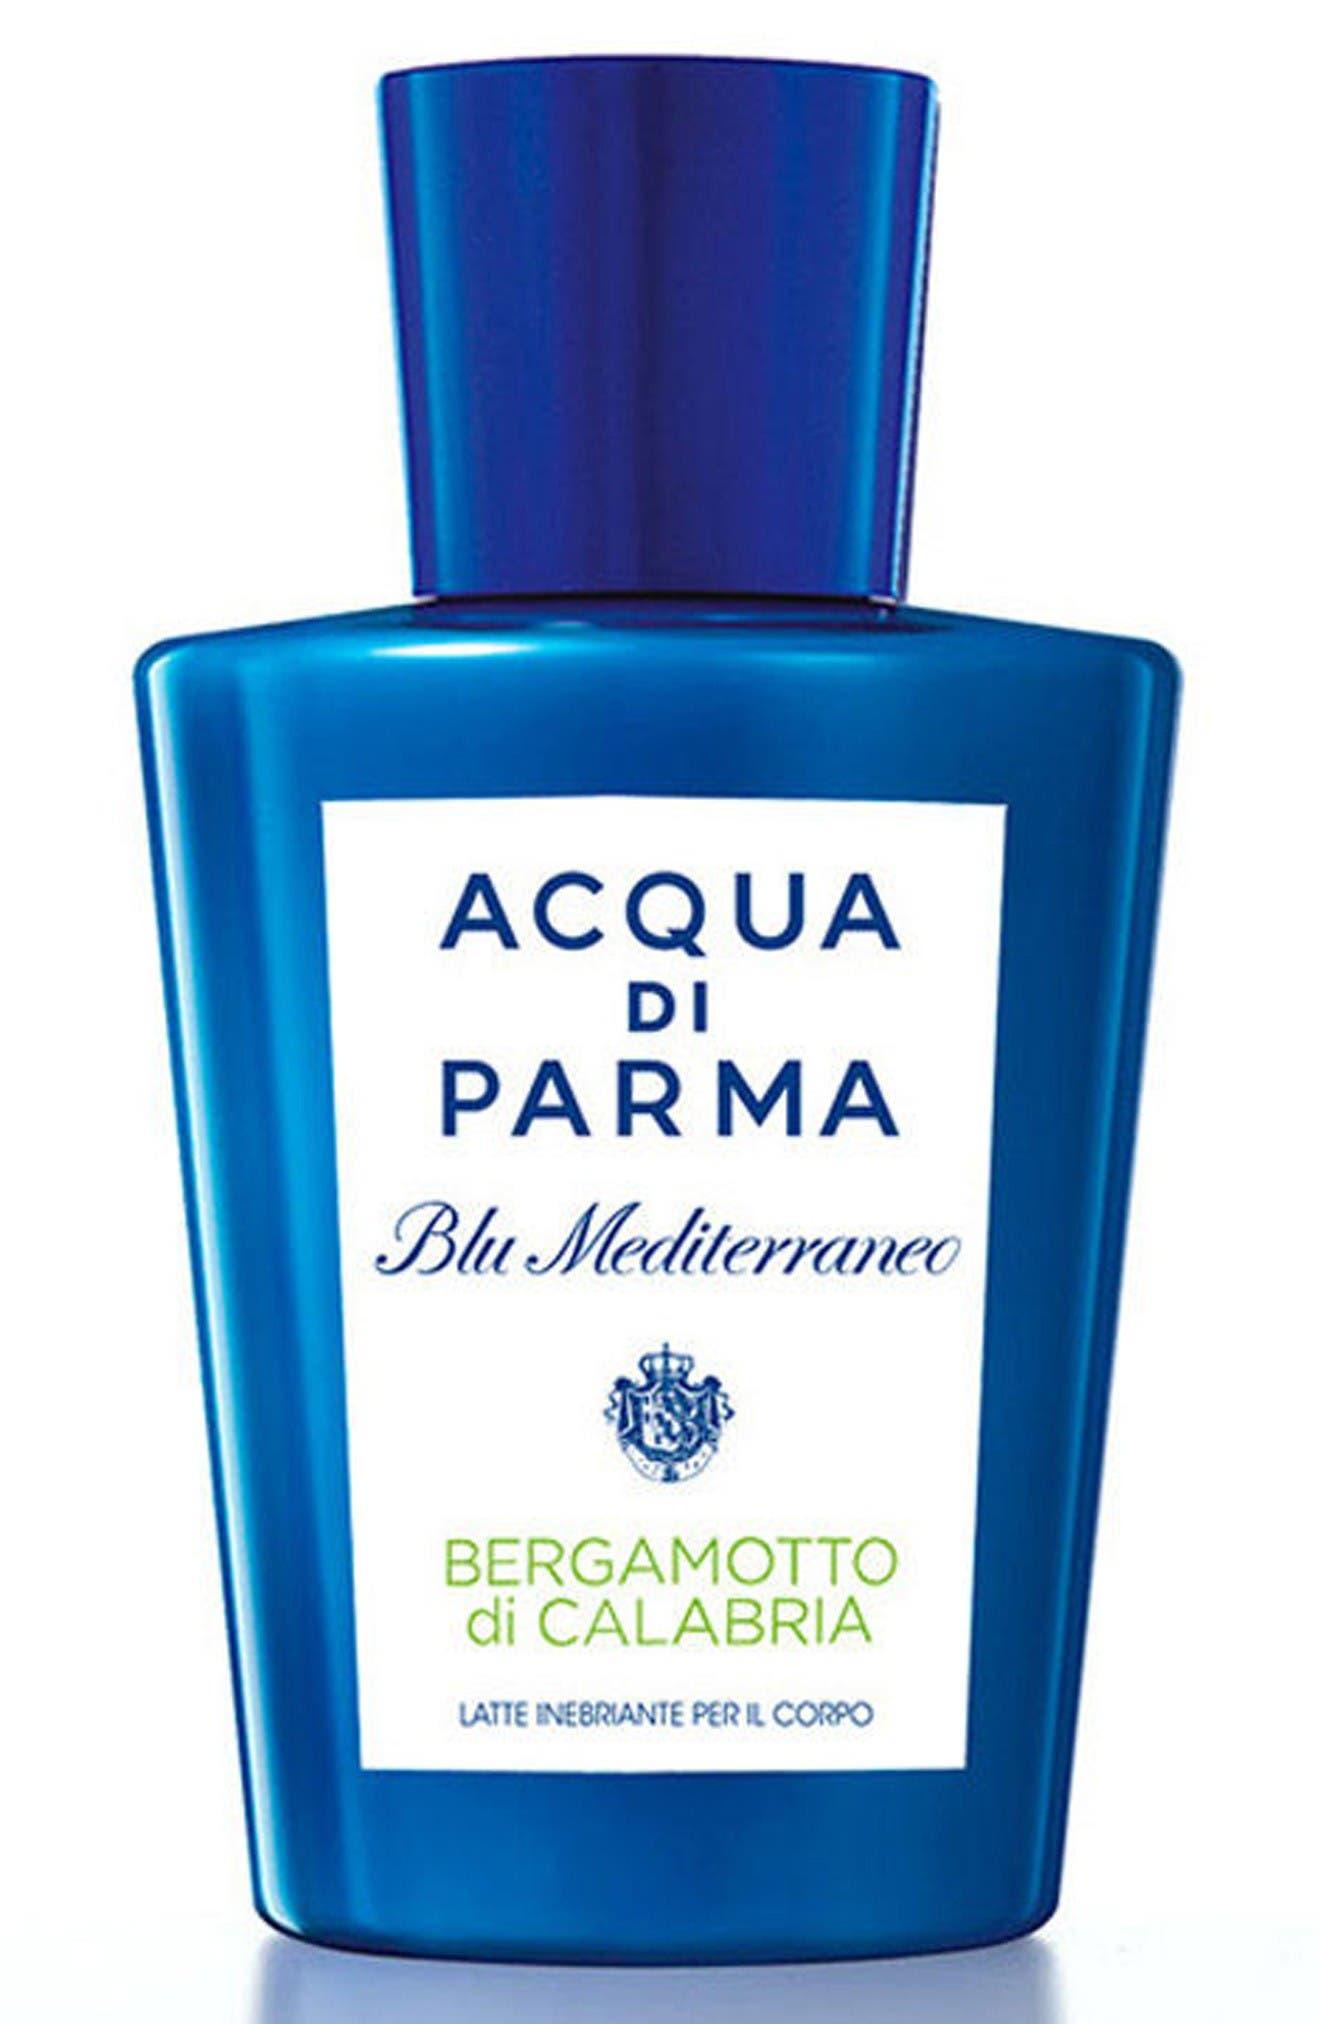 Alternate Image 1 Selected - Acqua di Parma 'Blu Mediterraneo' Bergamotto di Calabria Body Lotion